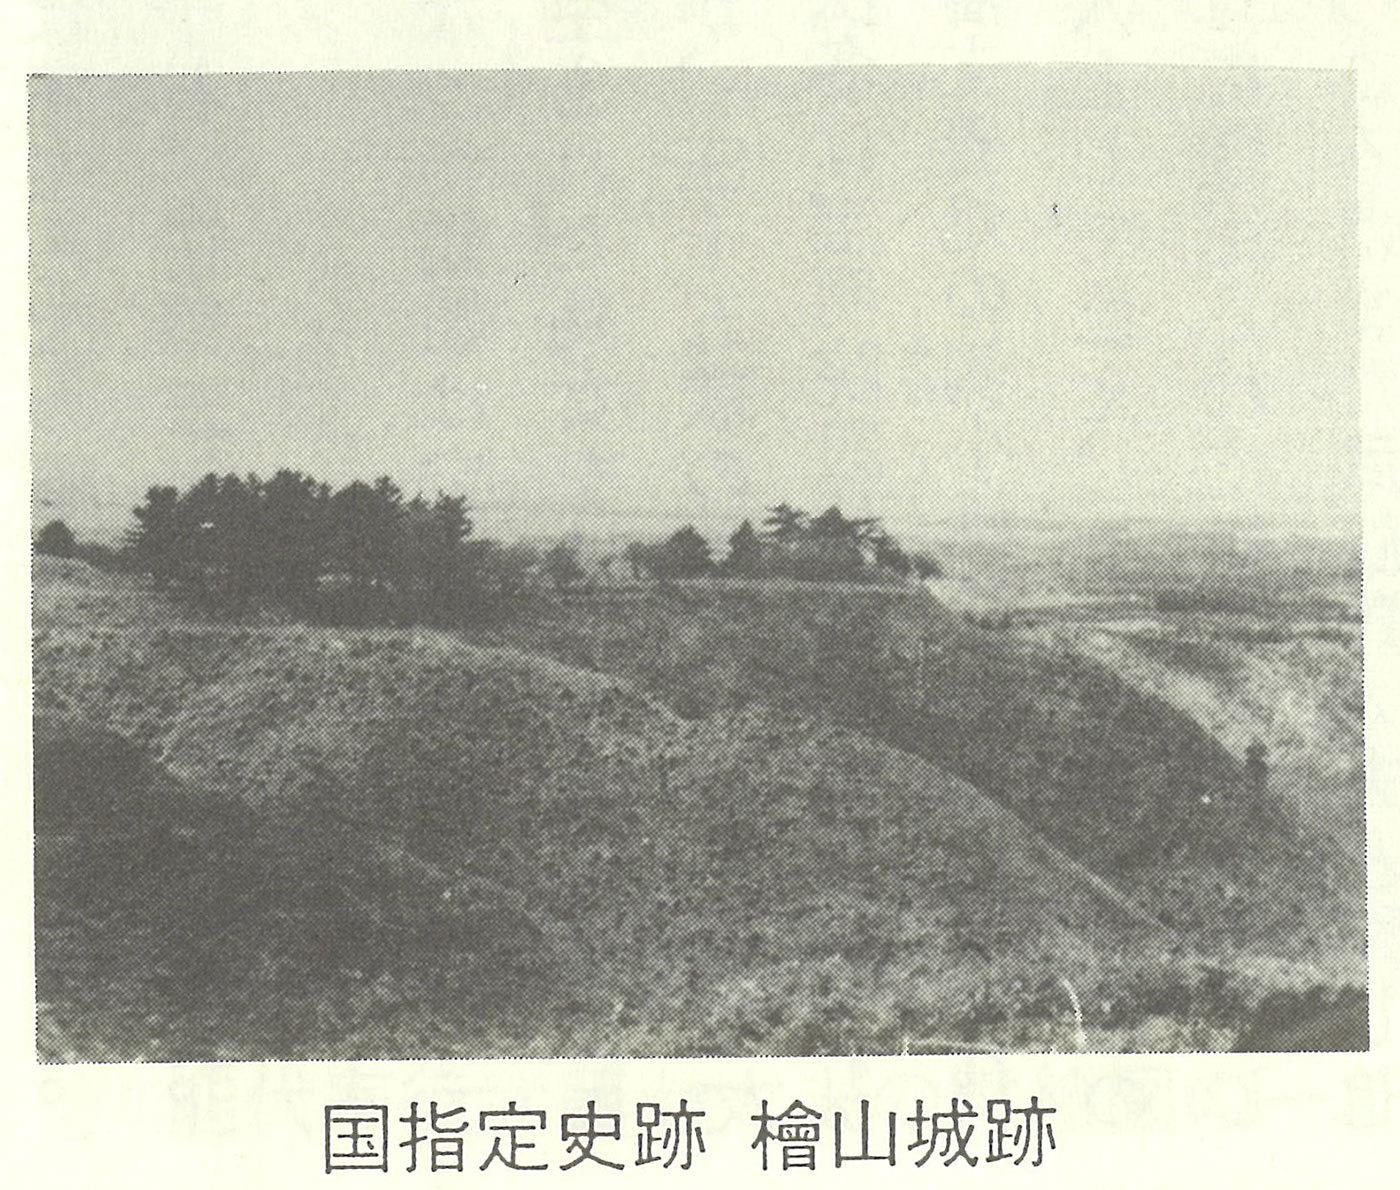 国指定史跡 檜山城跡  (20200716)